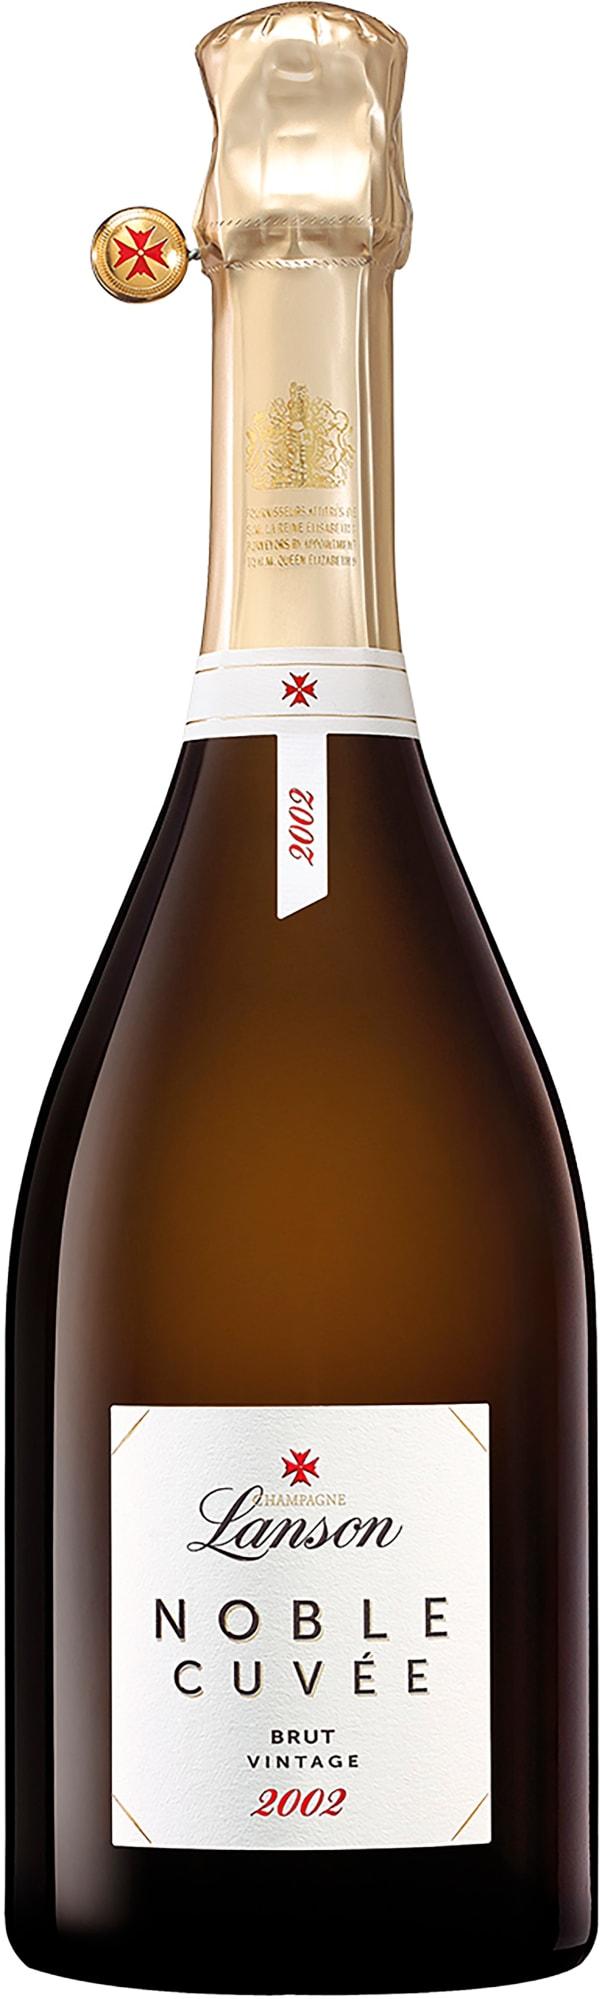 Lanson Noble Cuvée Vintage Champagne Brut 2002